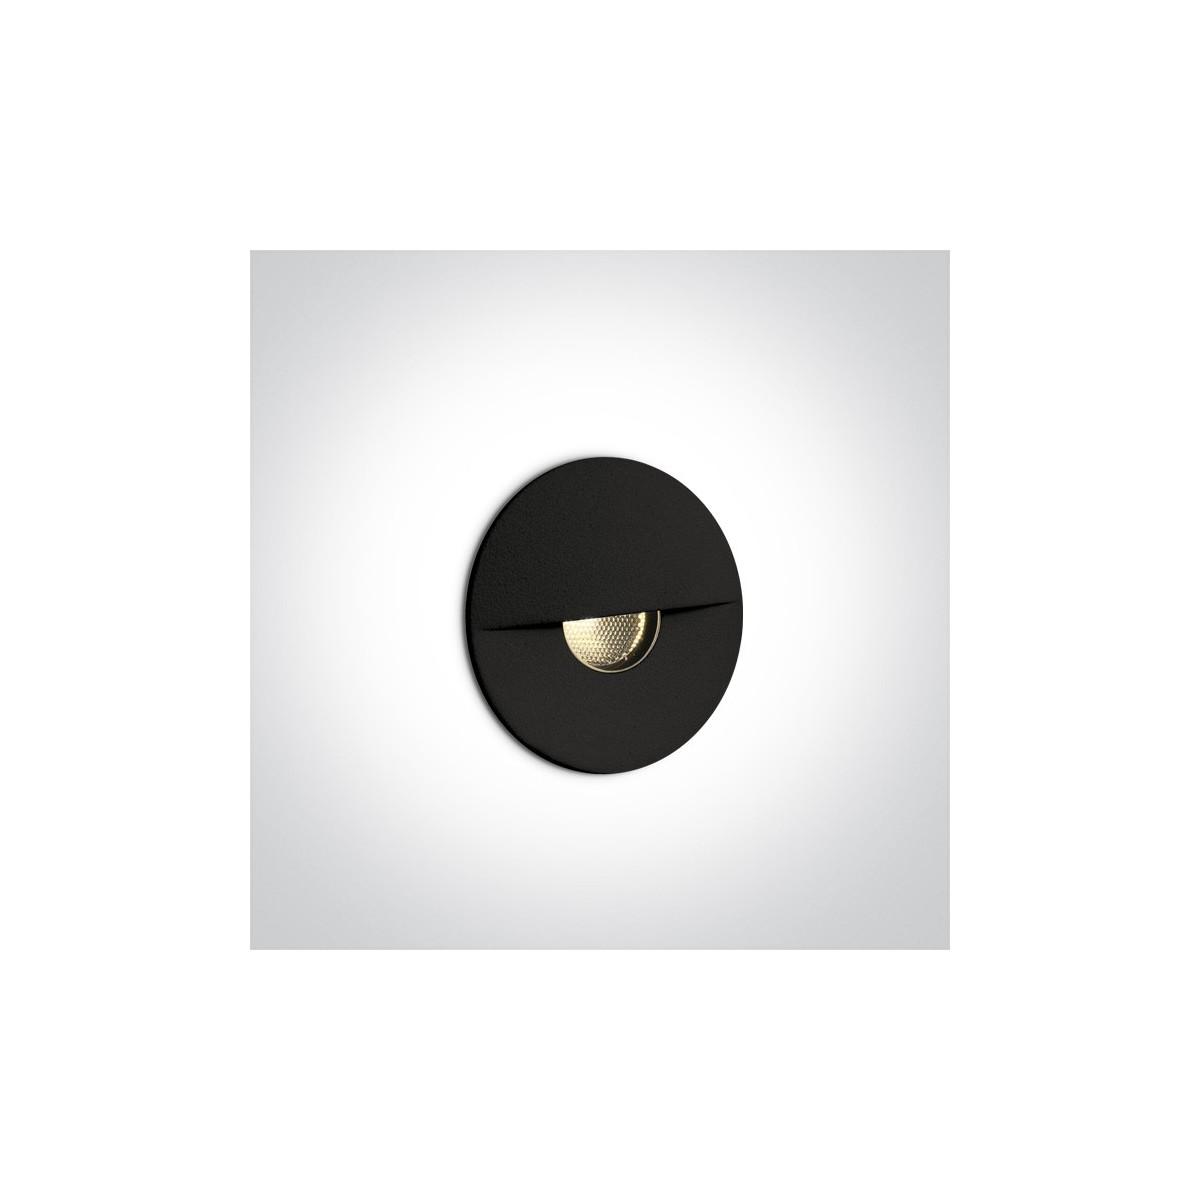 One Light wpust ścienny czarny oświetlenie schodów chodnika korytarza Kavasila 68070/B/W IP65